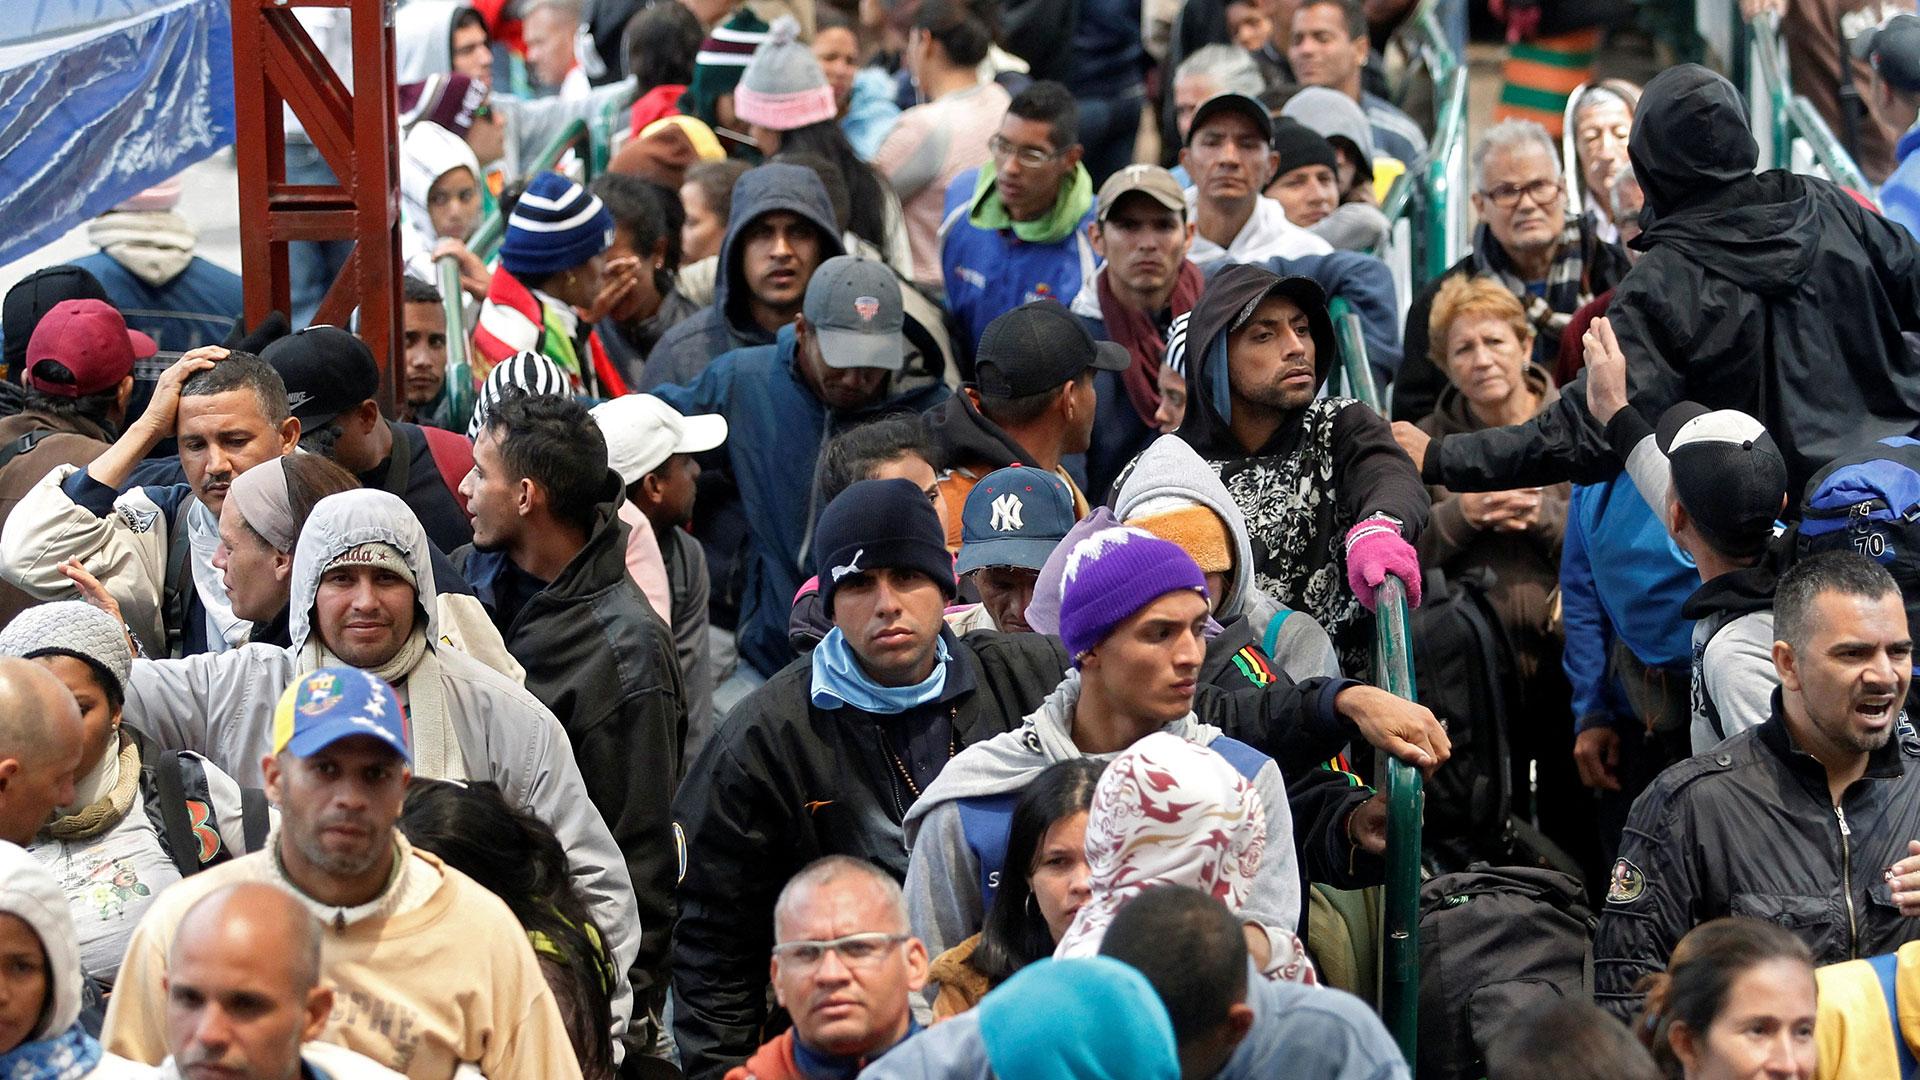 Miles de venezolanos buscan un futuro mejor en otros países (Reuters)